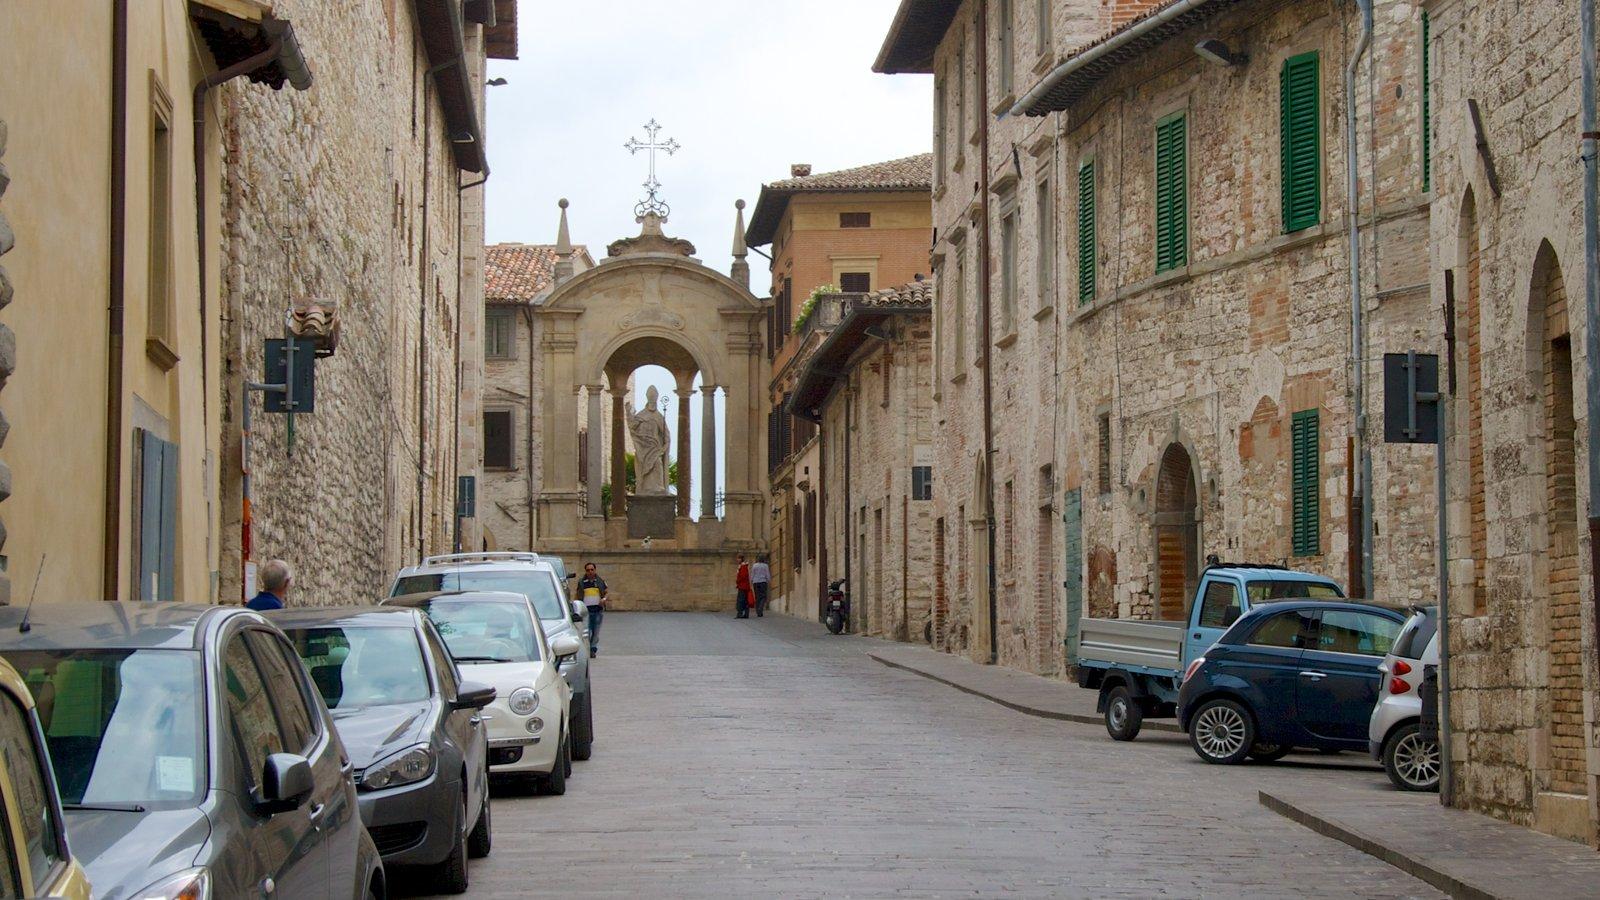 Gubbio mostrando aspectos religiosos, una pequeña ciudad o pueblo y una iglesia o catedral